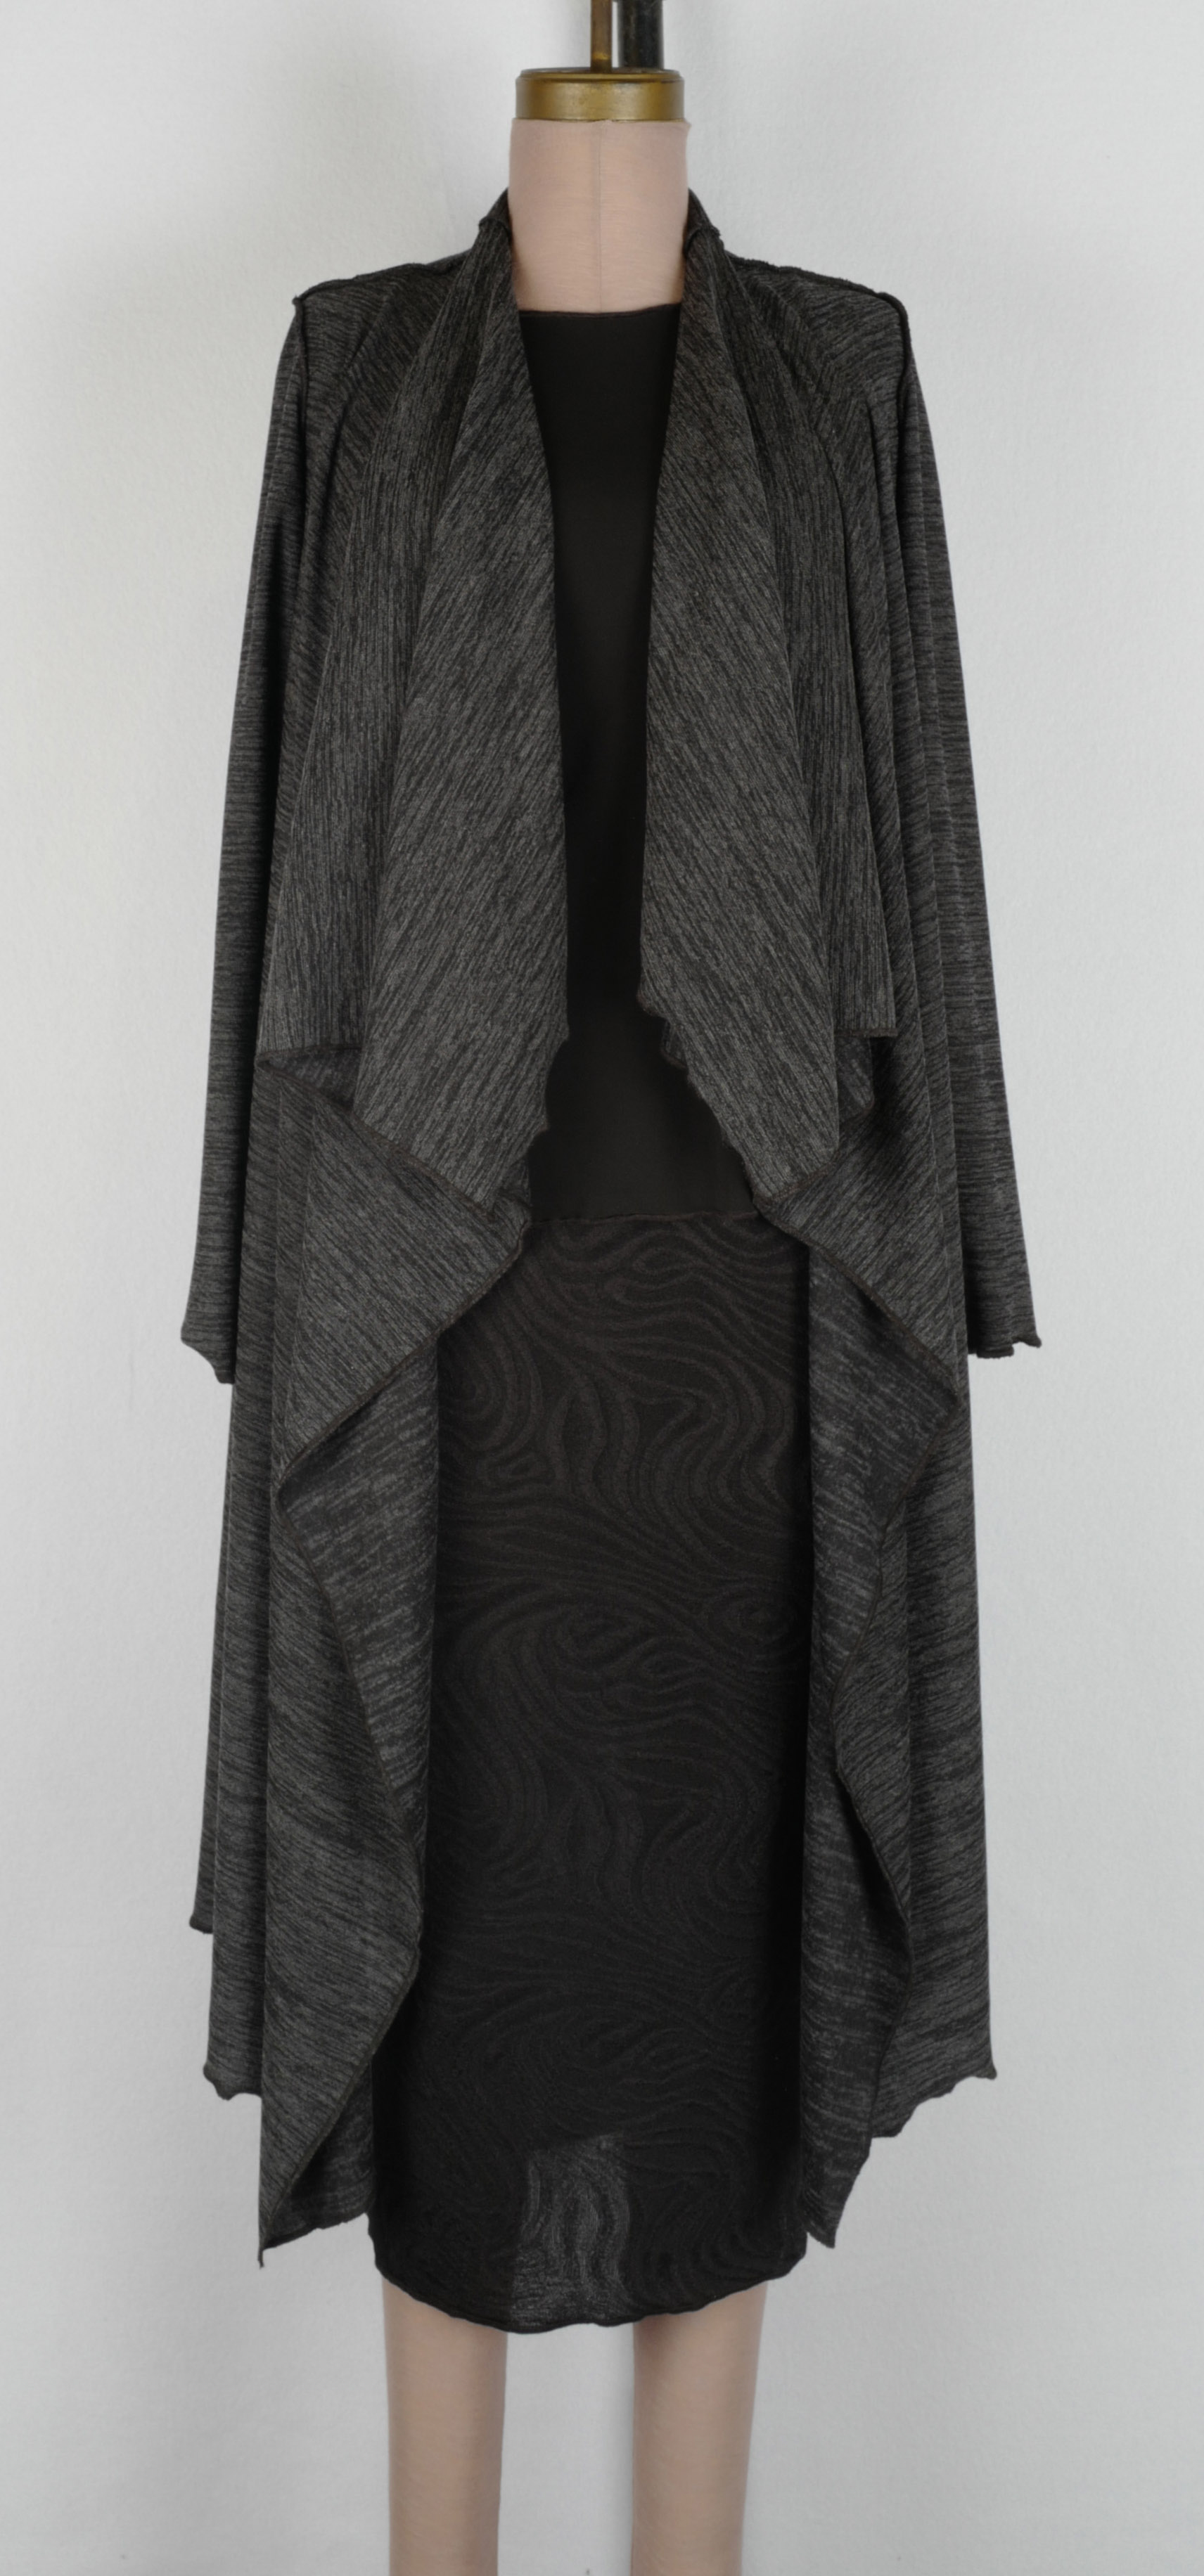 Cascade Coat $175 • S M L XL